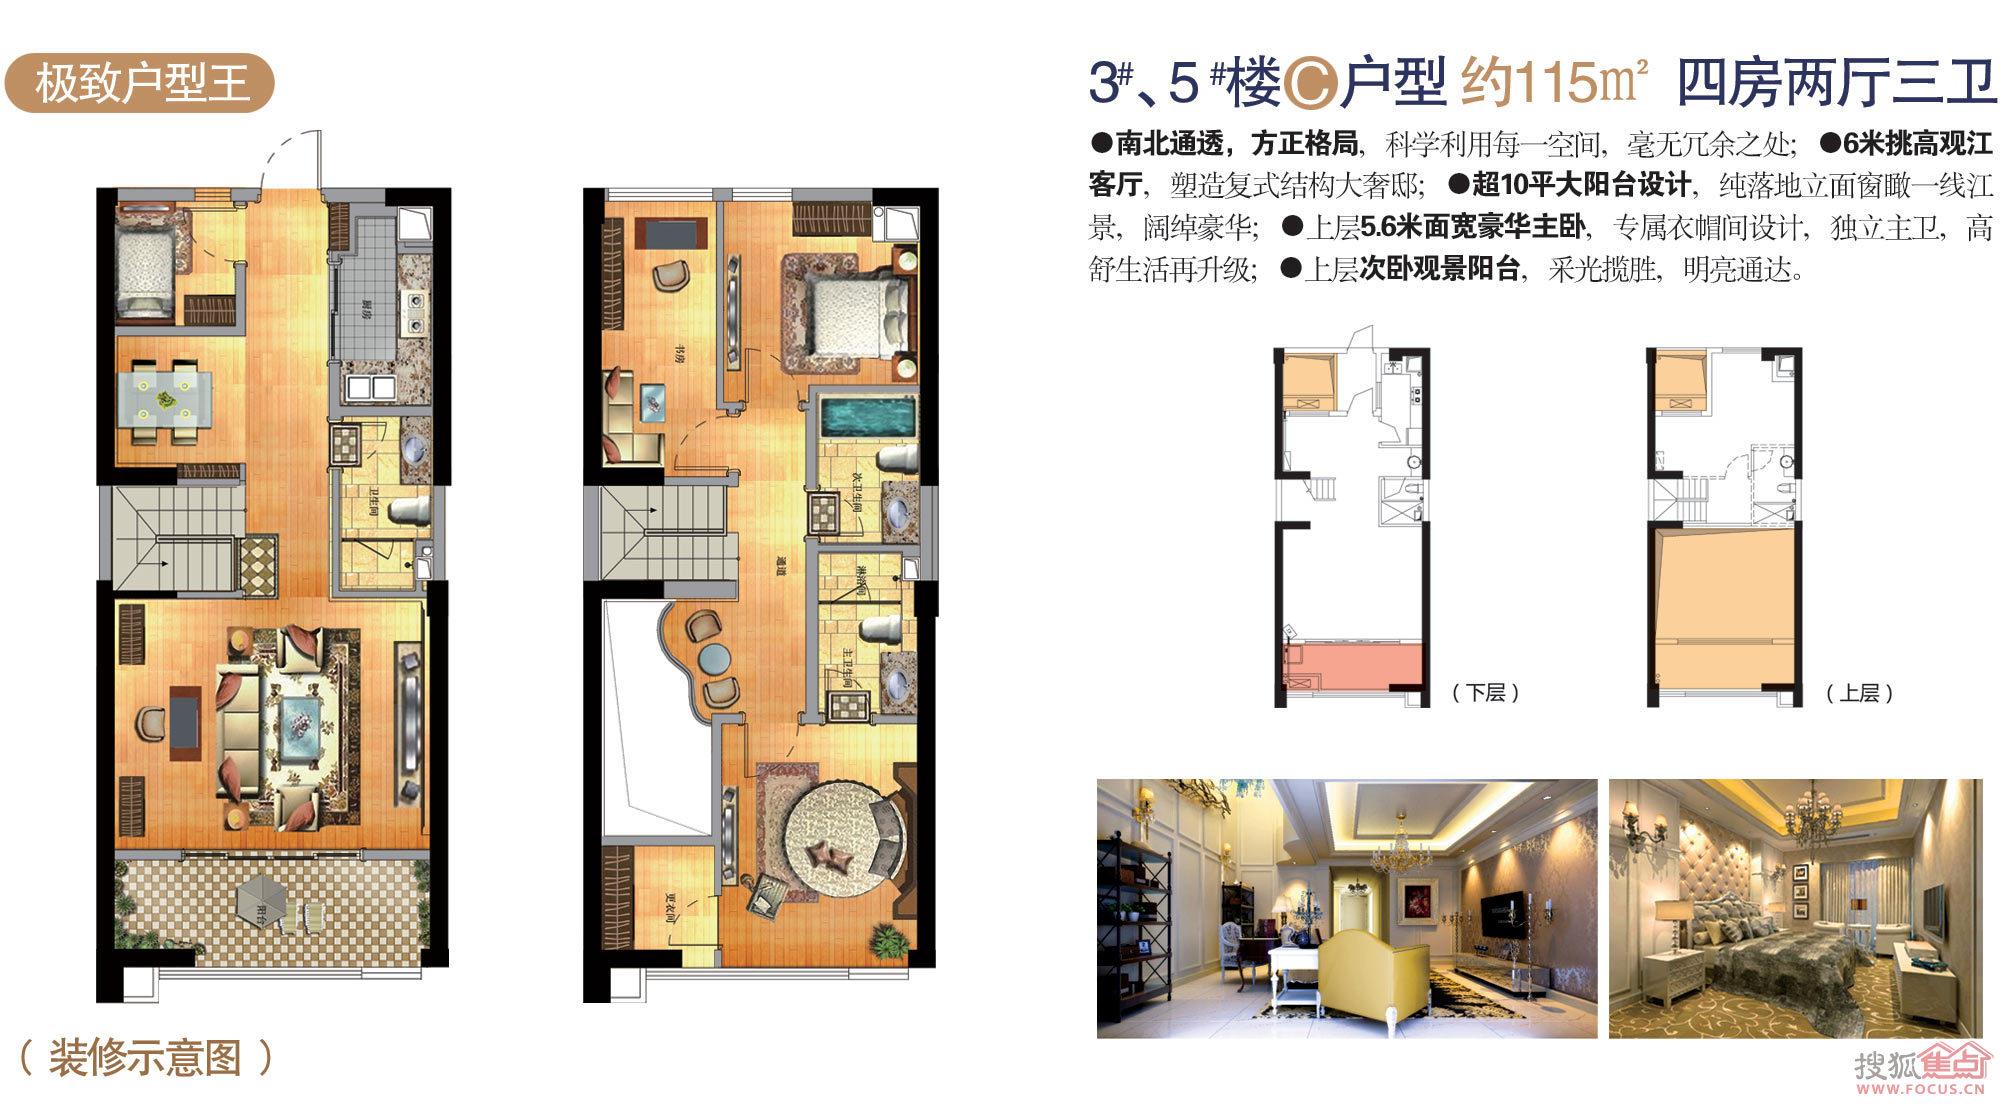 蓝波湾四居室3#,5#楼c_蓝波湾户型图-福州搜狐焦点网